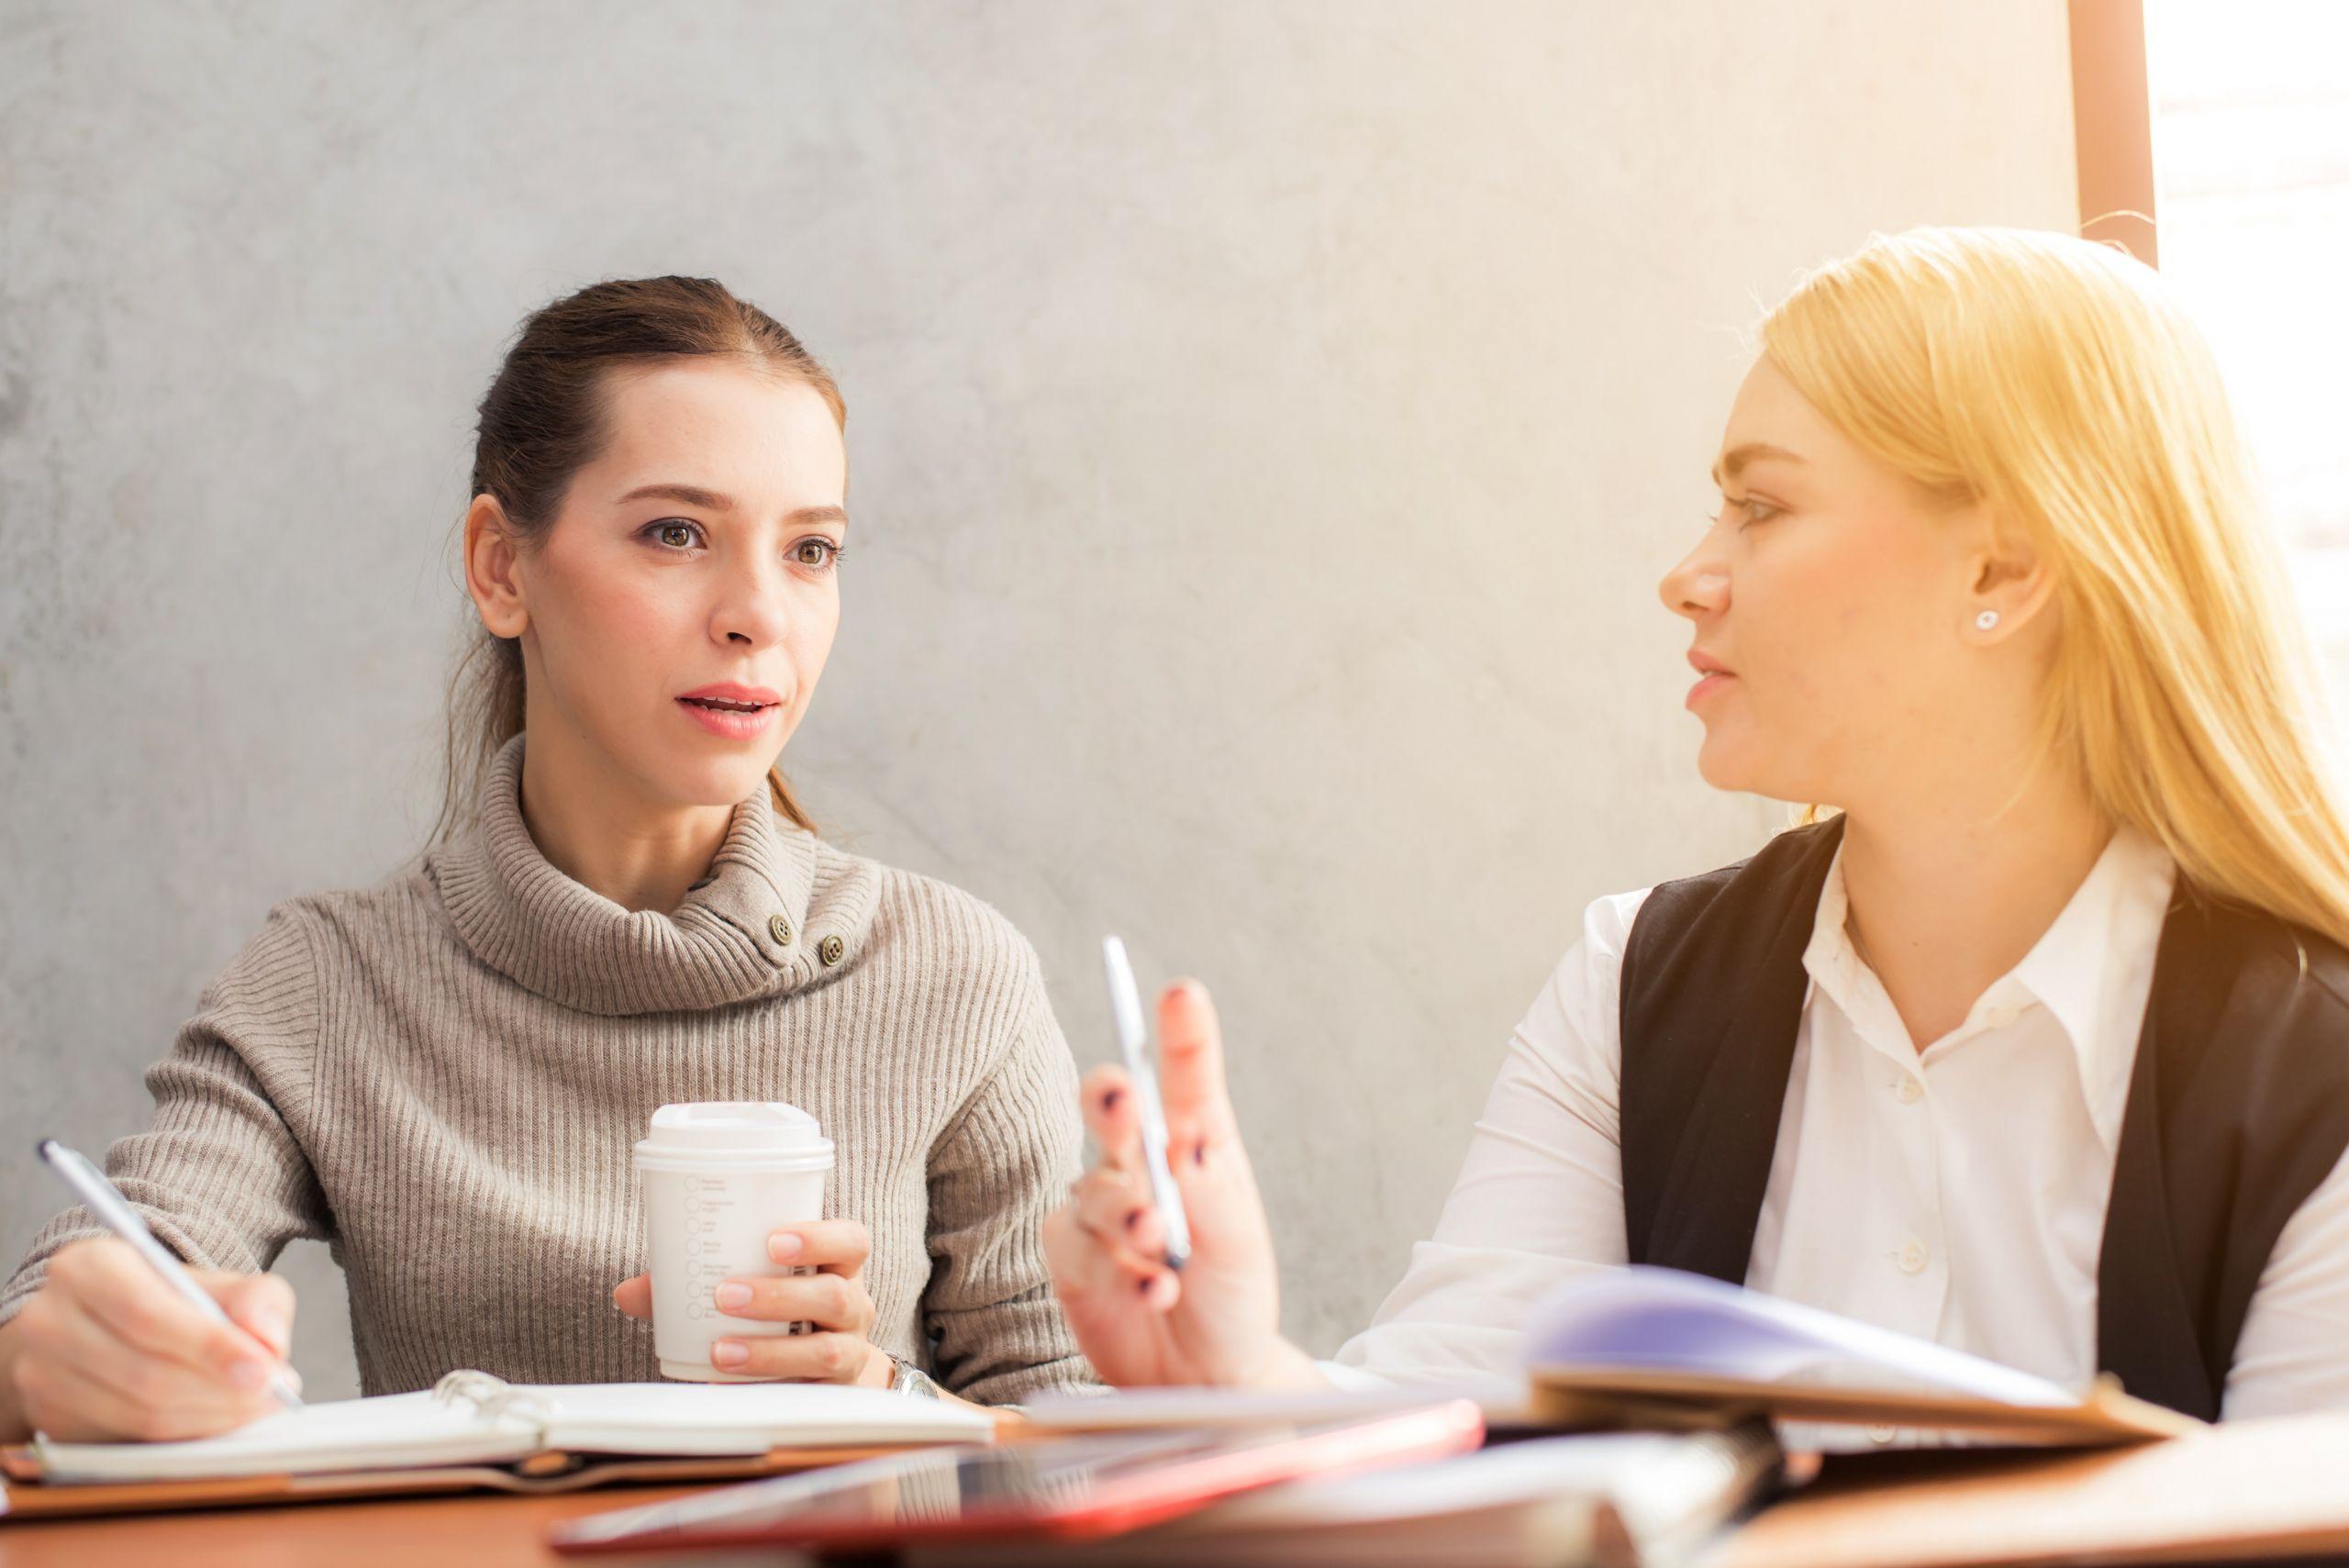 kritikgespräch führen mit einfach regeln